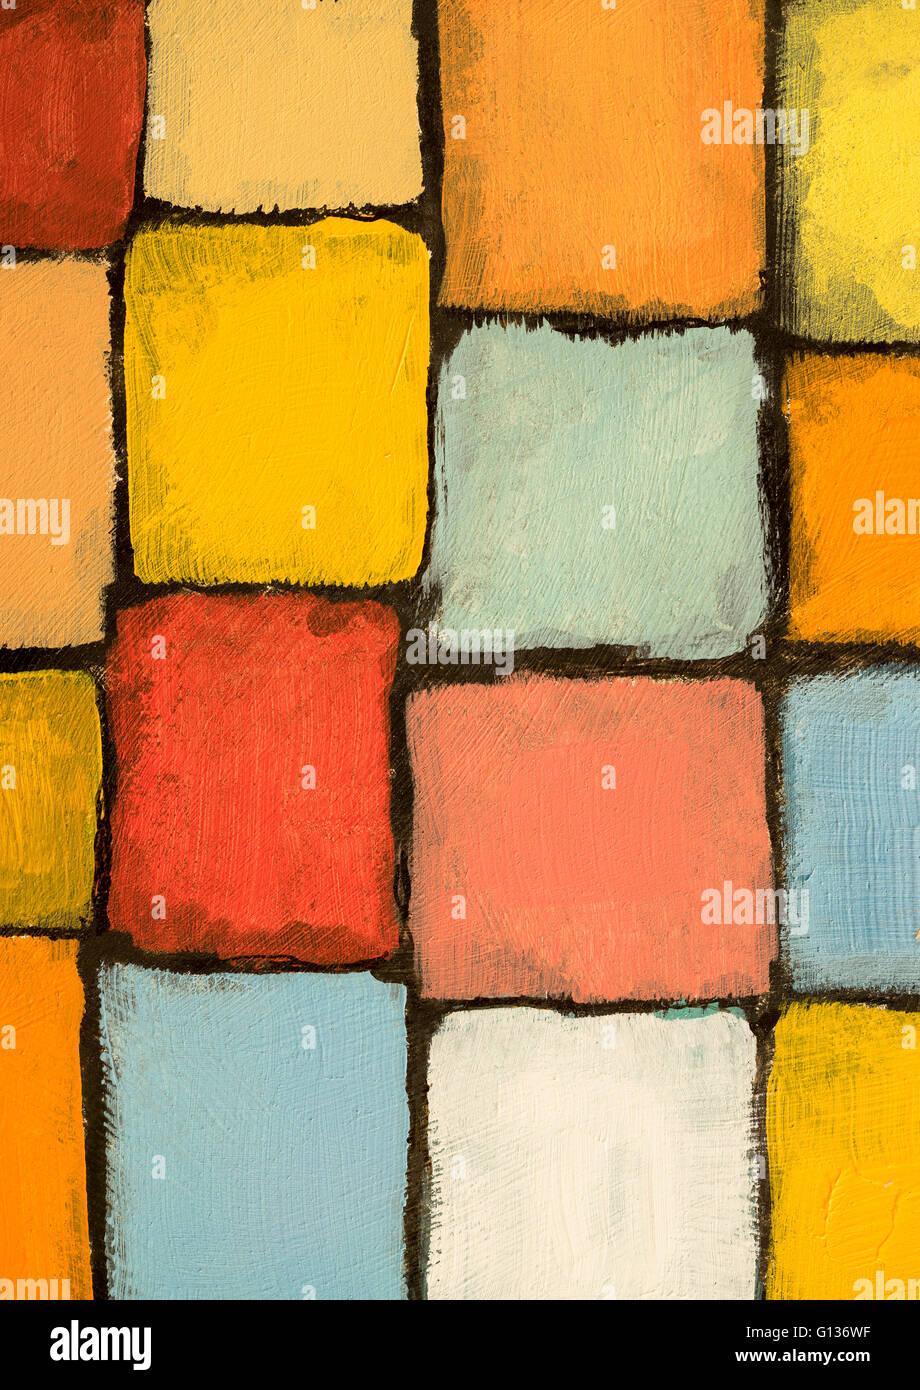 Un détail d\'une peinture ; blocs de couleur chaude Banque D\'Images ...